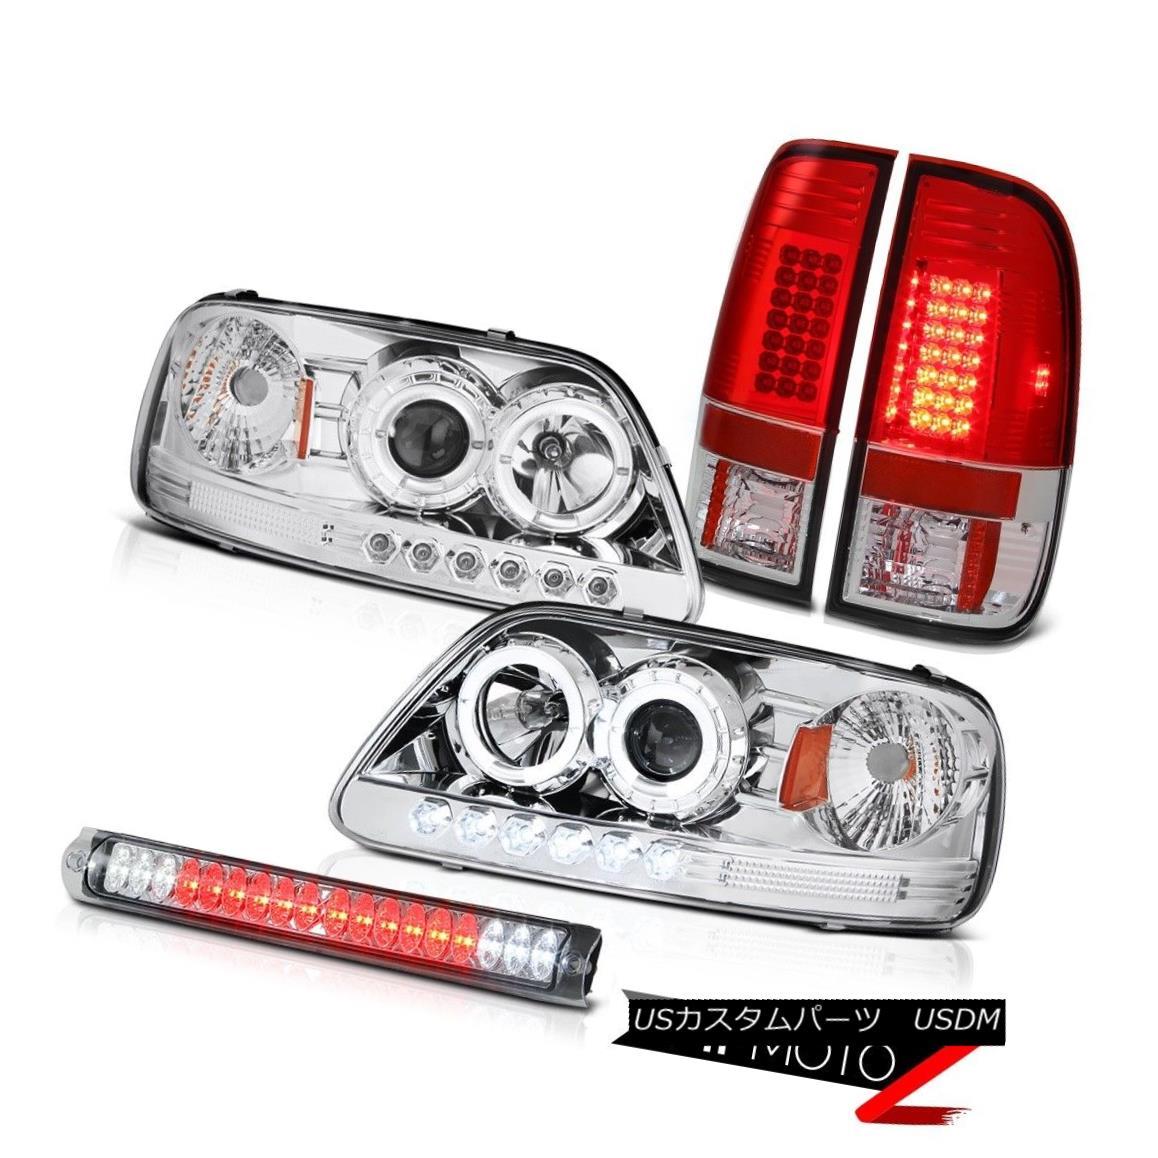 ヘッドライト Chrome LED Angel Eye Headlights Tail Lights Third Brake Lamp Ford F150 1997-2003 クロームLEDエンジェルアイヘッドライトテールライト第3ブレーキランプフォードF150 1997-2003